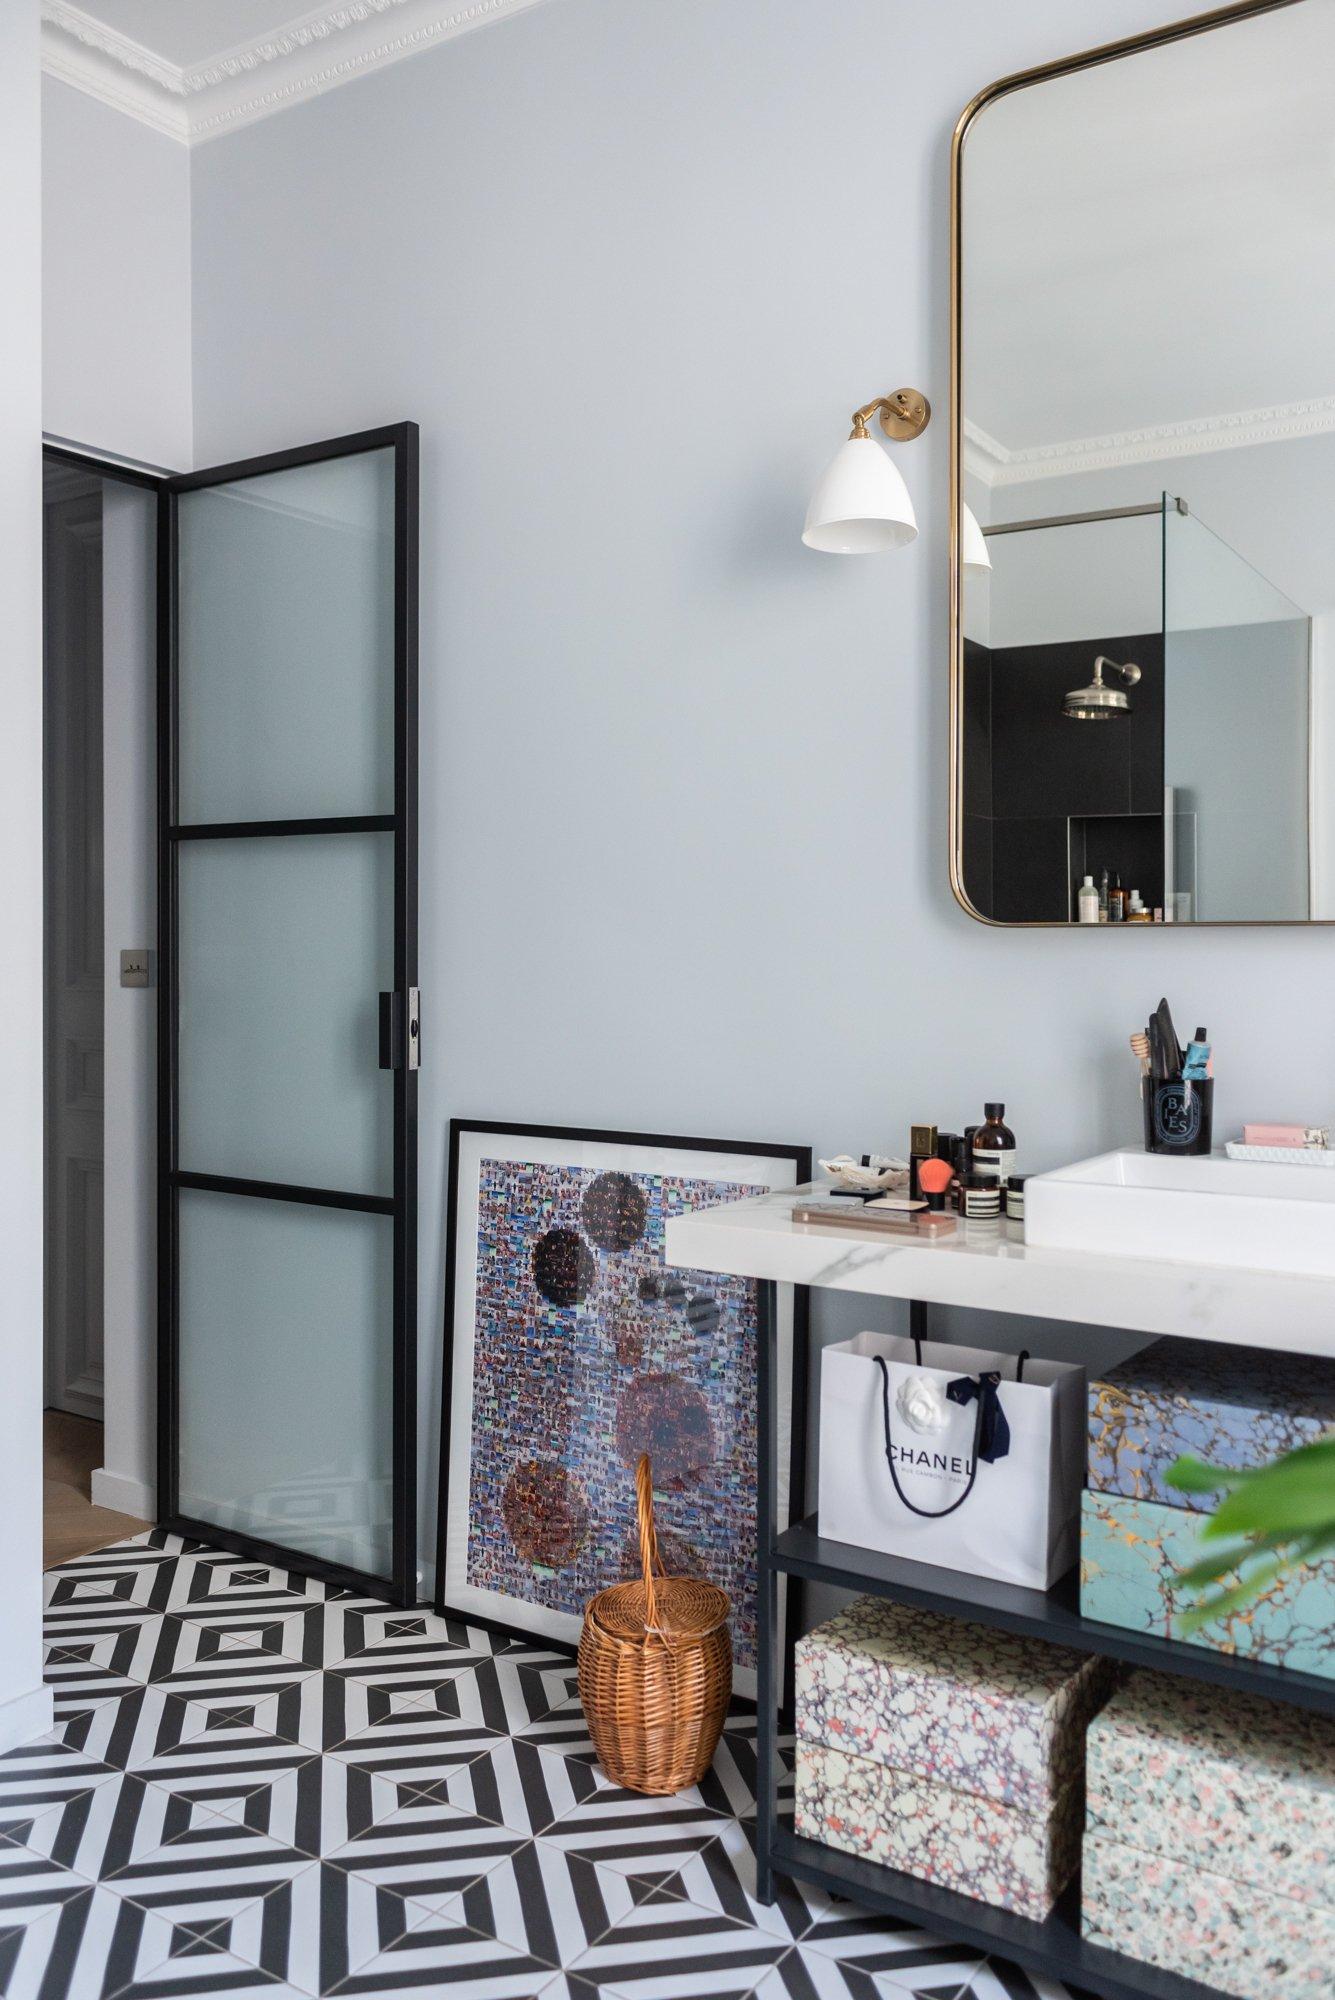 Salle de bain Appartement Parisien Florence Elkouby Paris